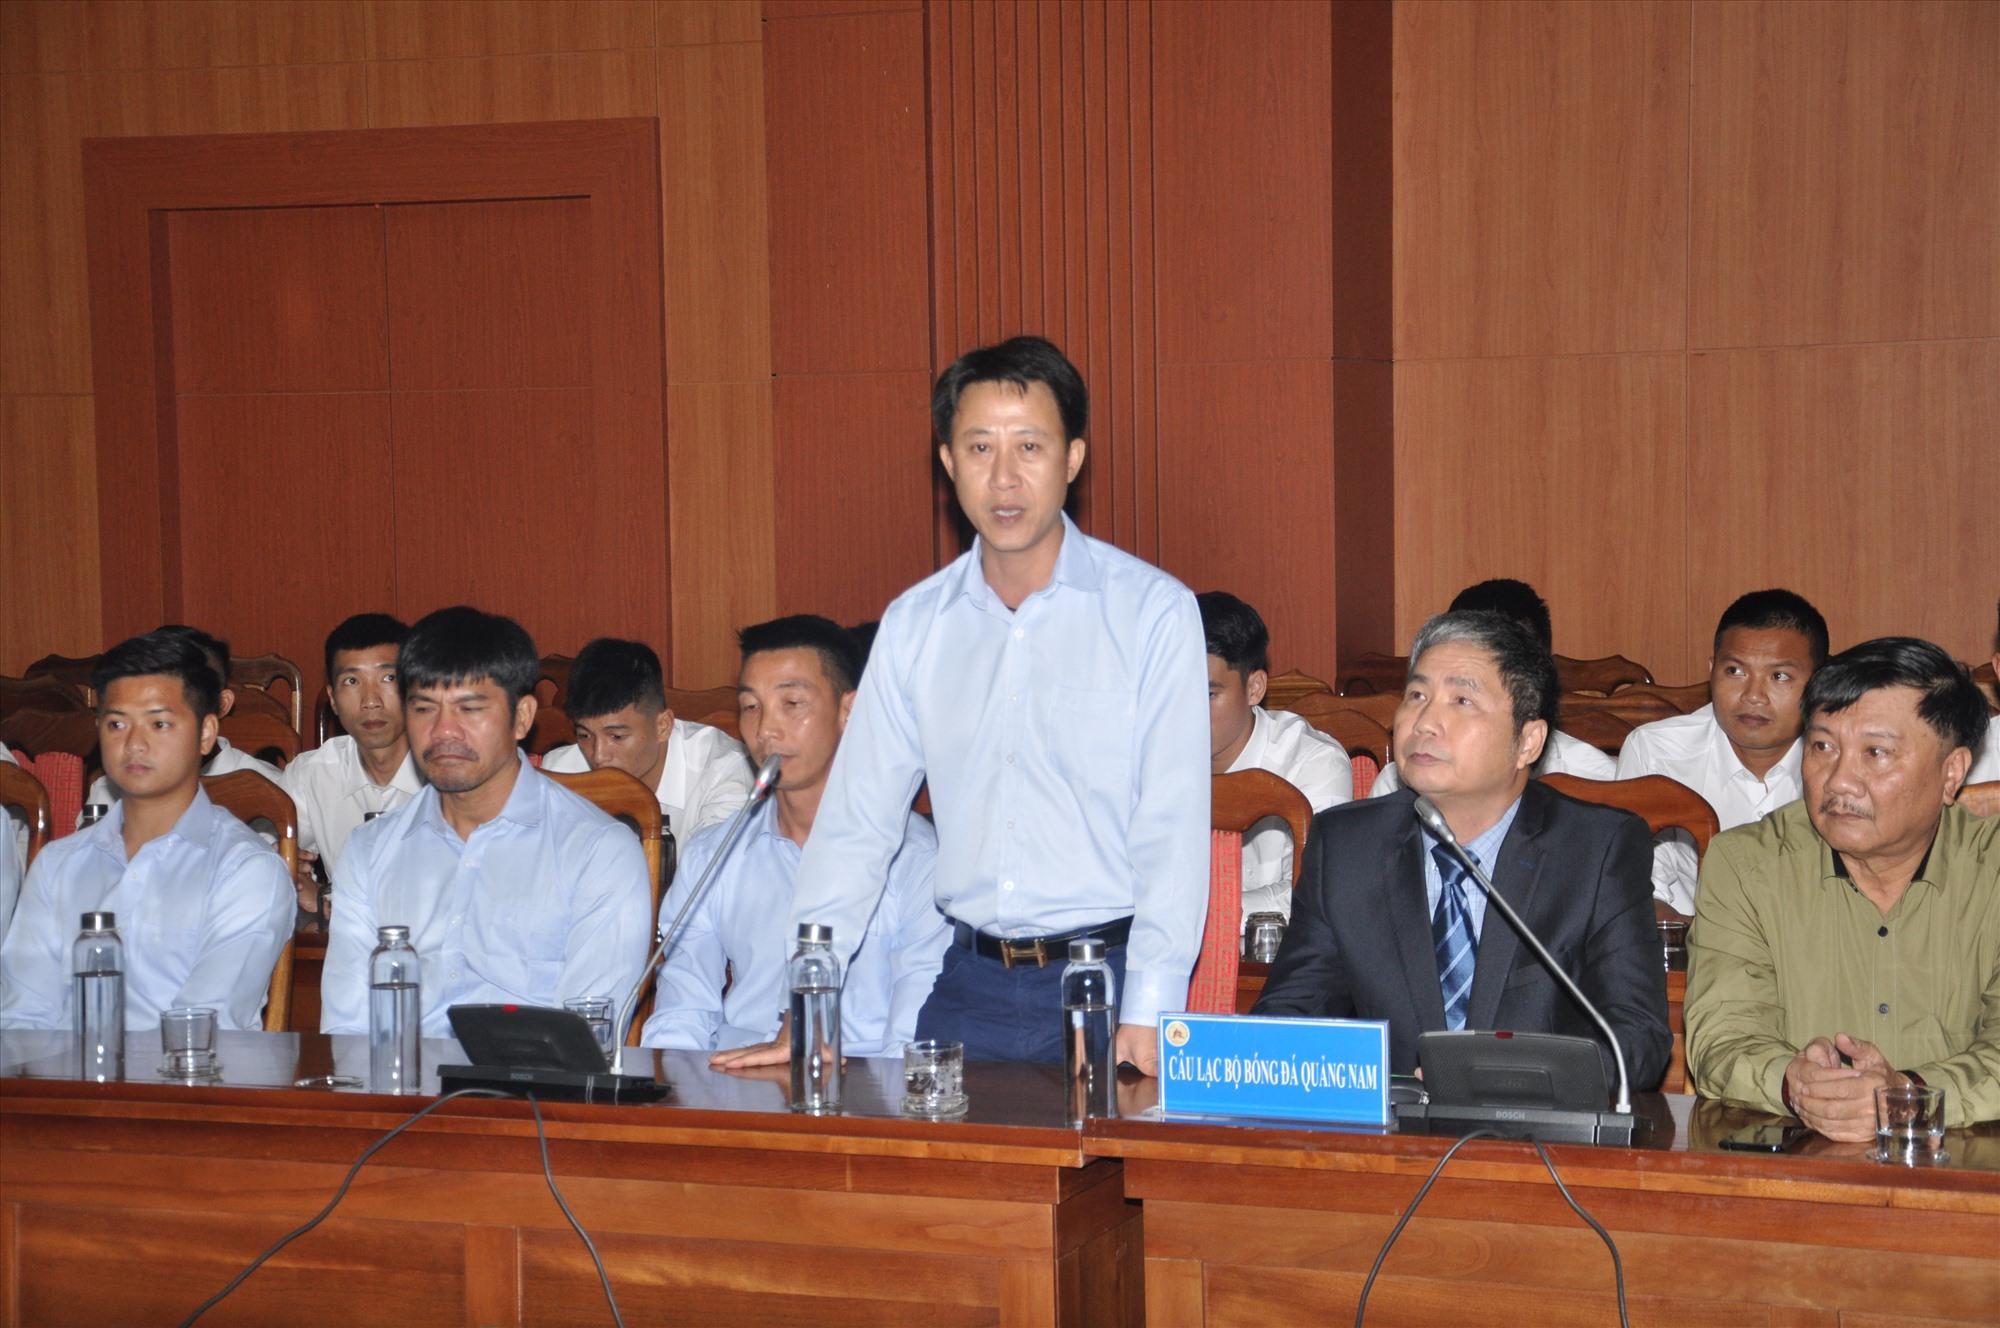 HLV Nguyễn Thành Công khẳng định quyết tâm lên V-League. Ảnh: T.V